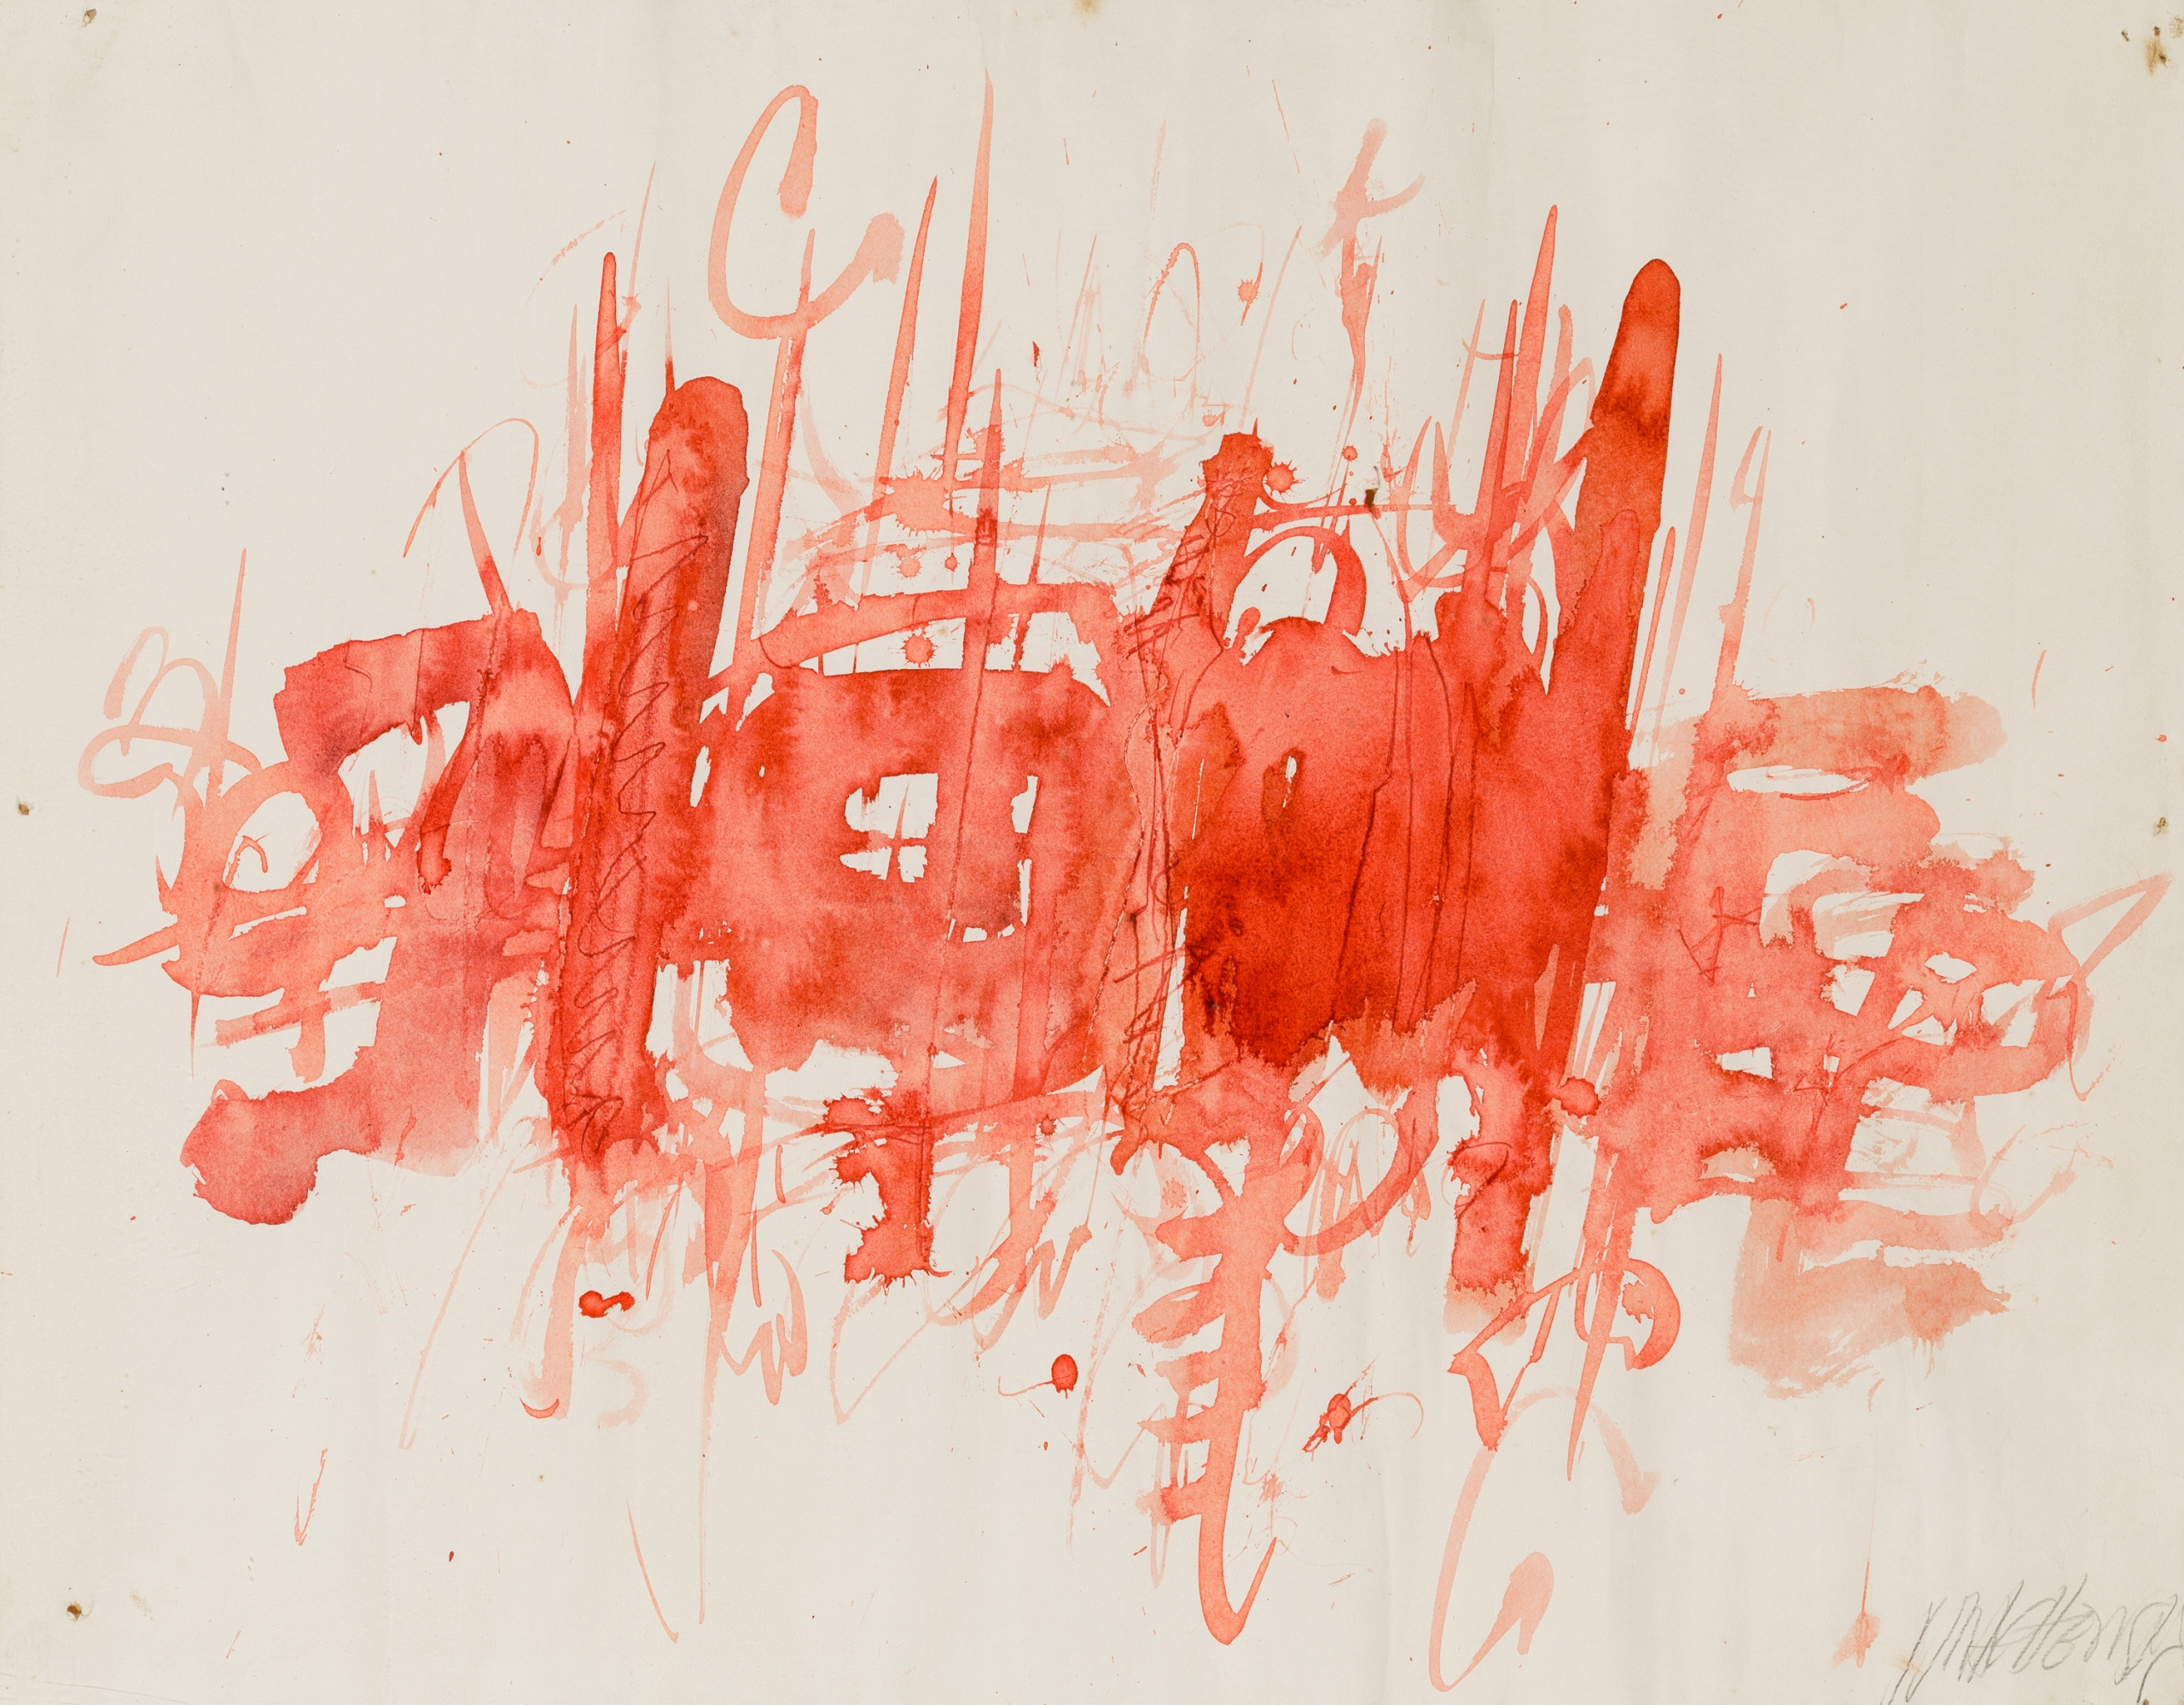 Markus Prachensky, Ohne Titel  (aus der Serie: Rouge sur blanc, 1960) / untitled (serie: Rouge sur blanc, 1960)